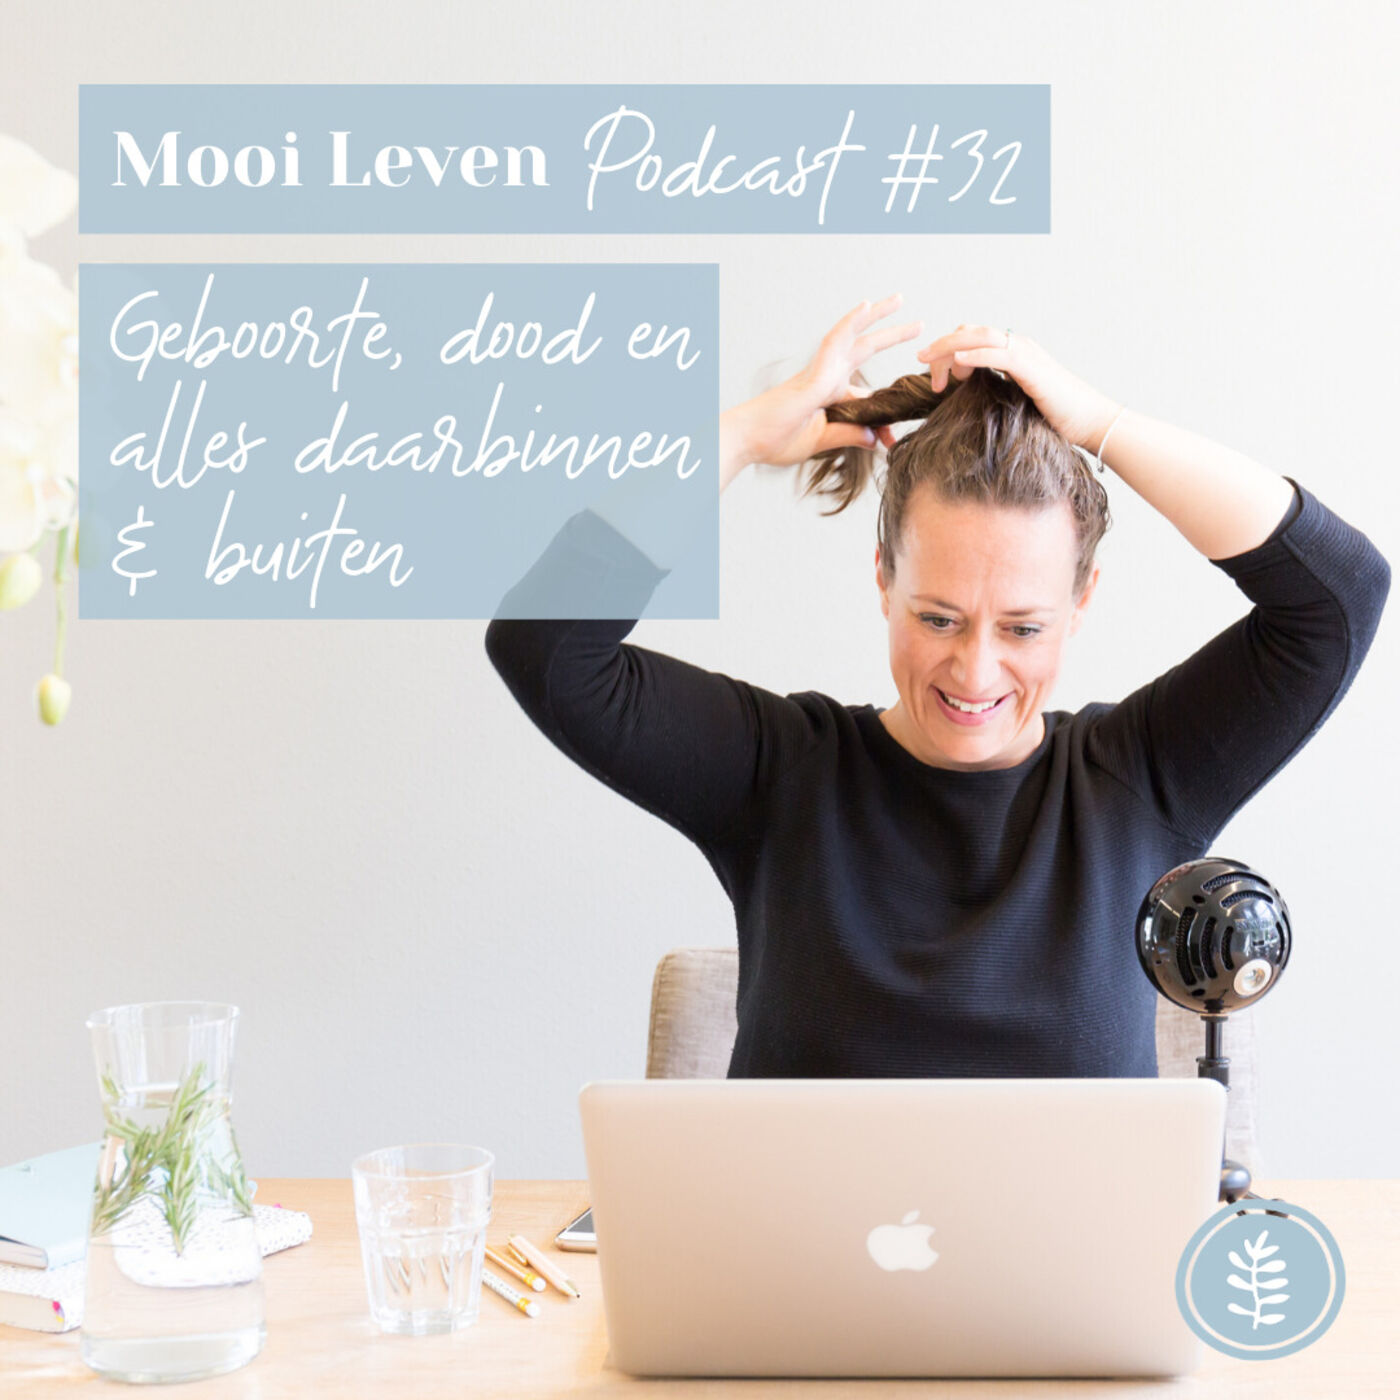 Mooi Leven Podcast #32 | Geboorte, dood en alles daarbinnen en buiten